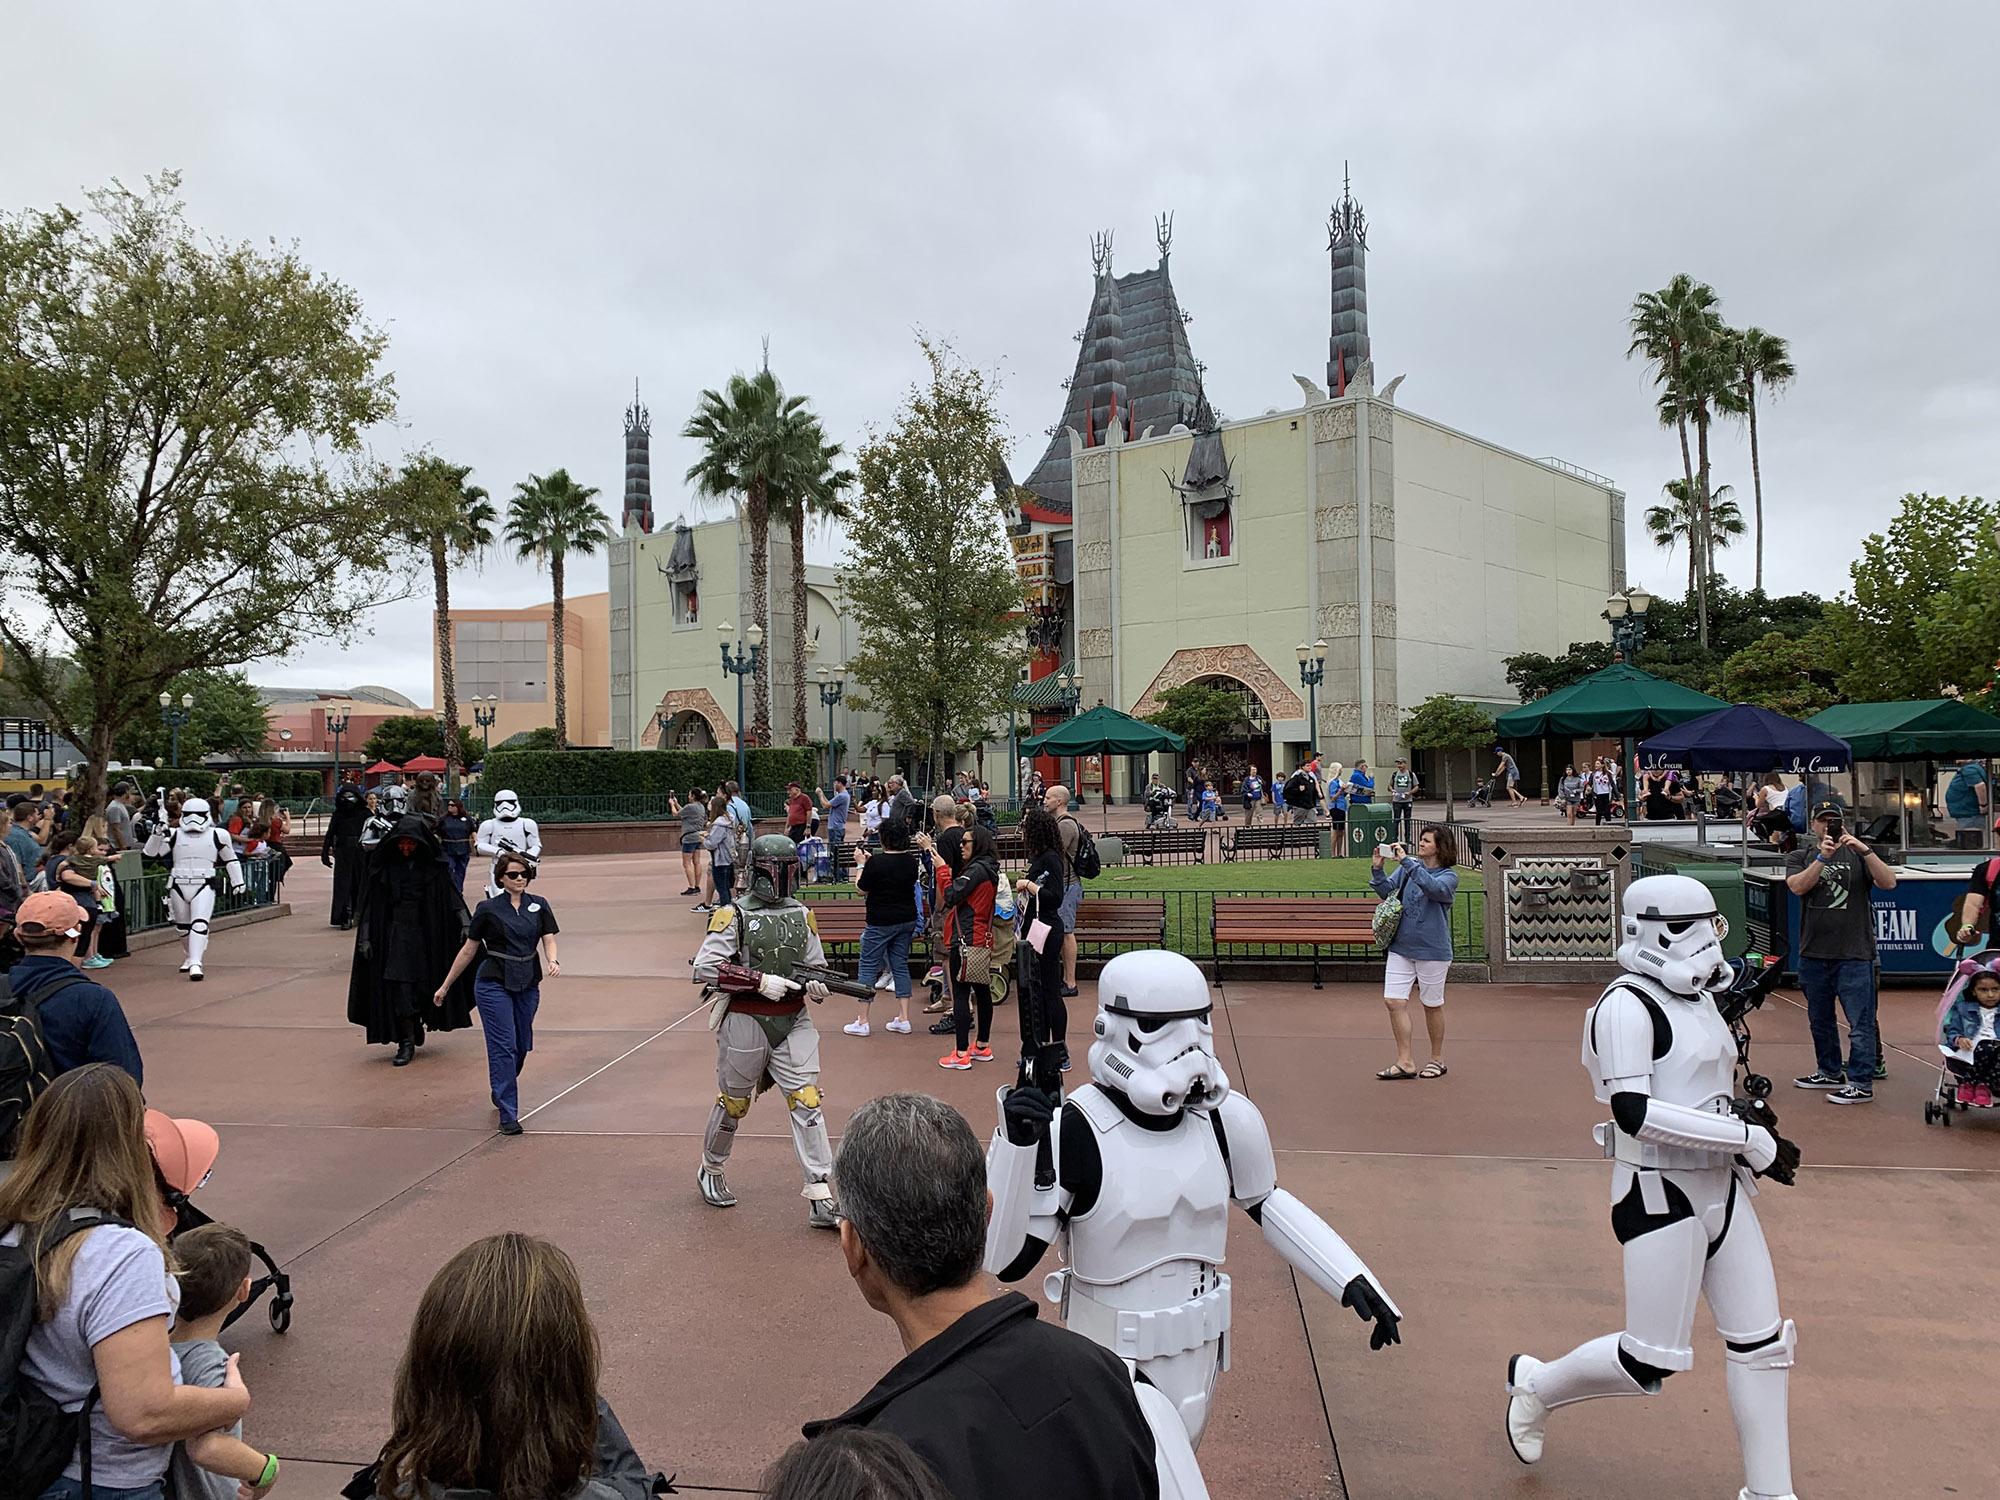 Walt Disney World Reopening Plans [Now Through 2021]